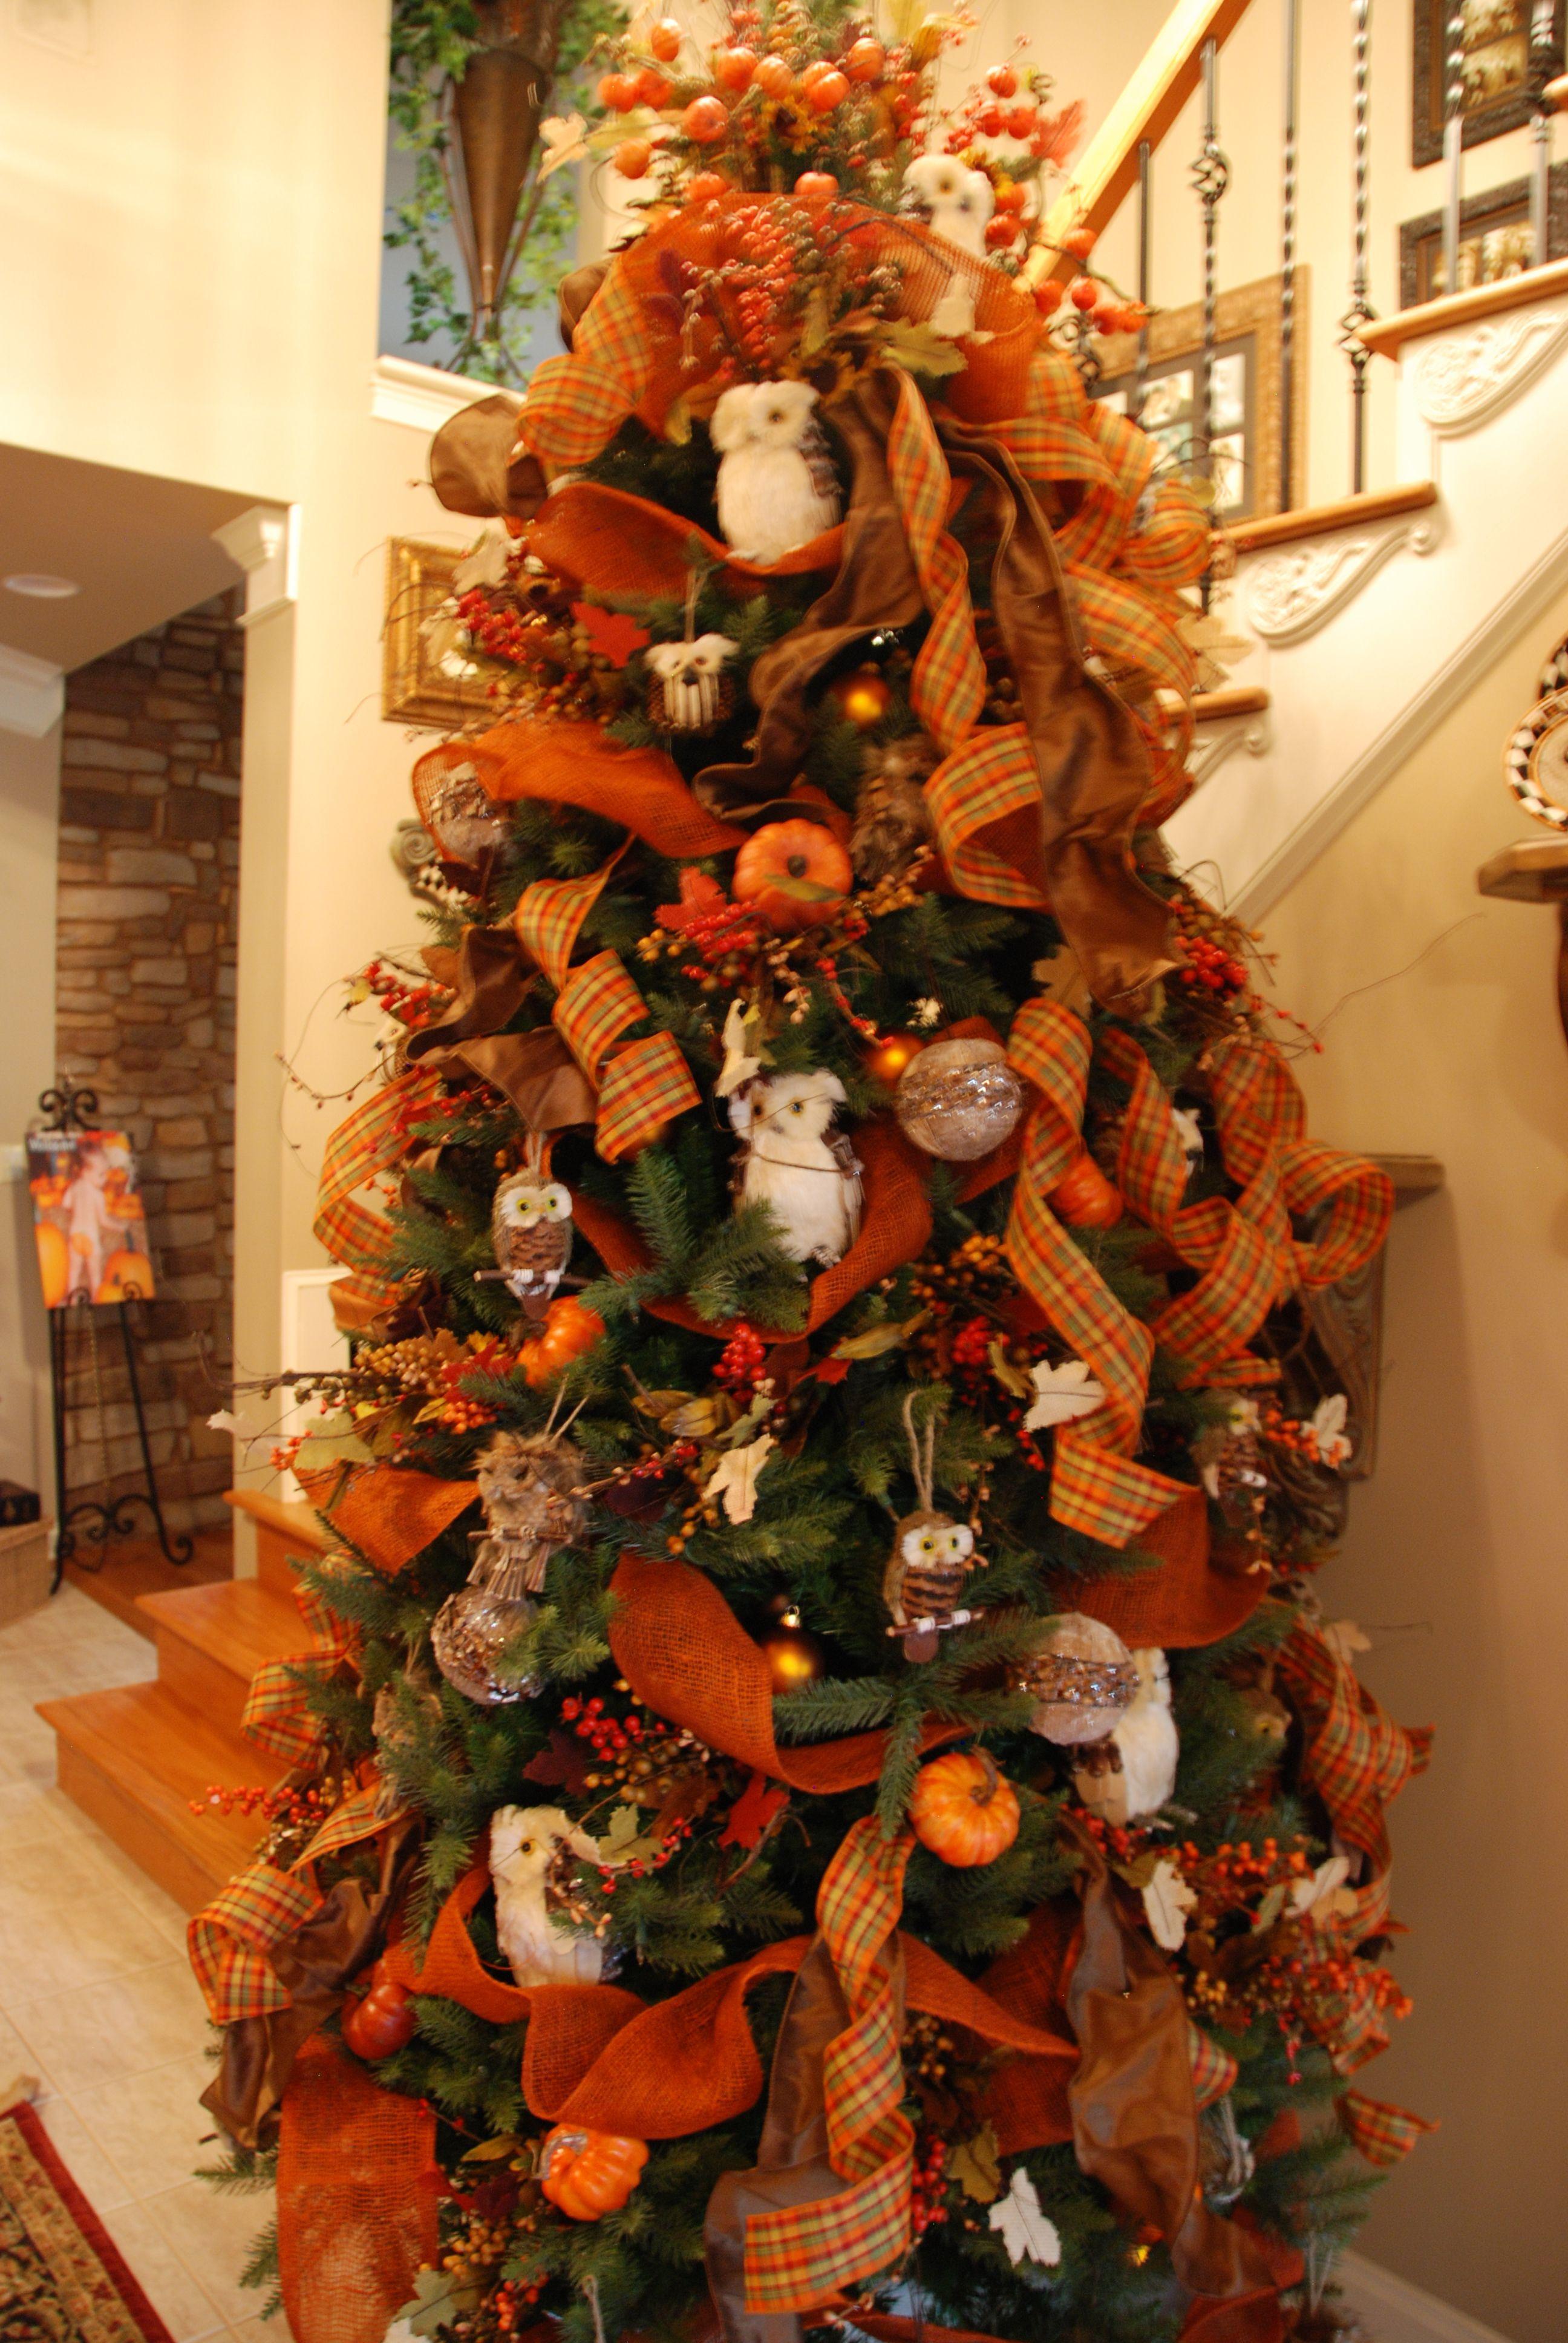 Fall Decorated Christmas Tree Fall Christmas Tree Fall Tree Decorations Christmas Tree Decorations